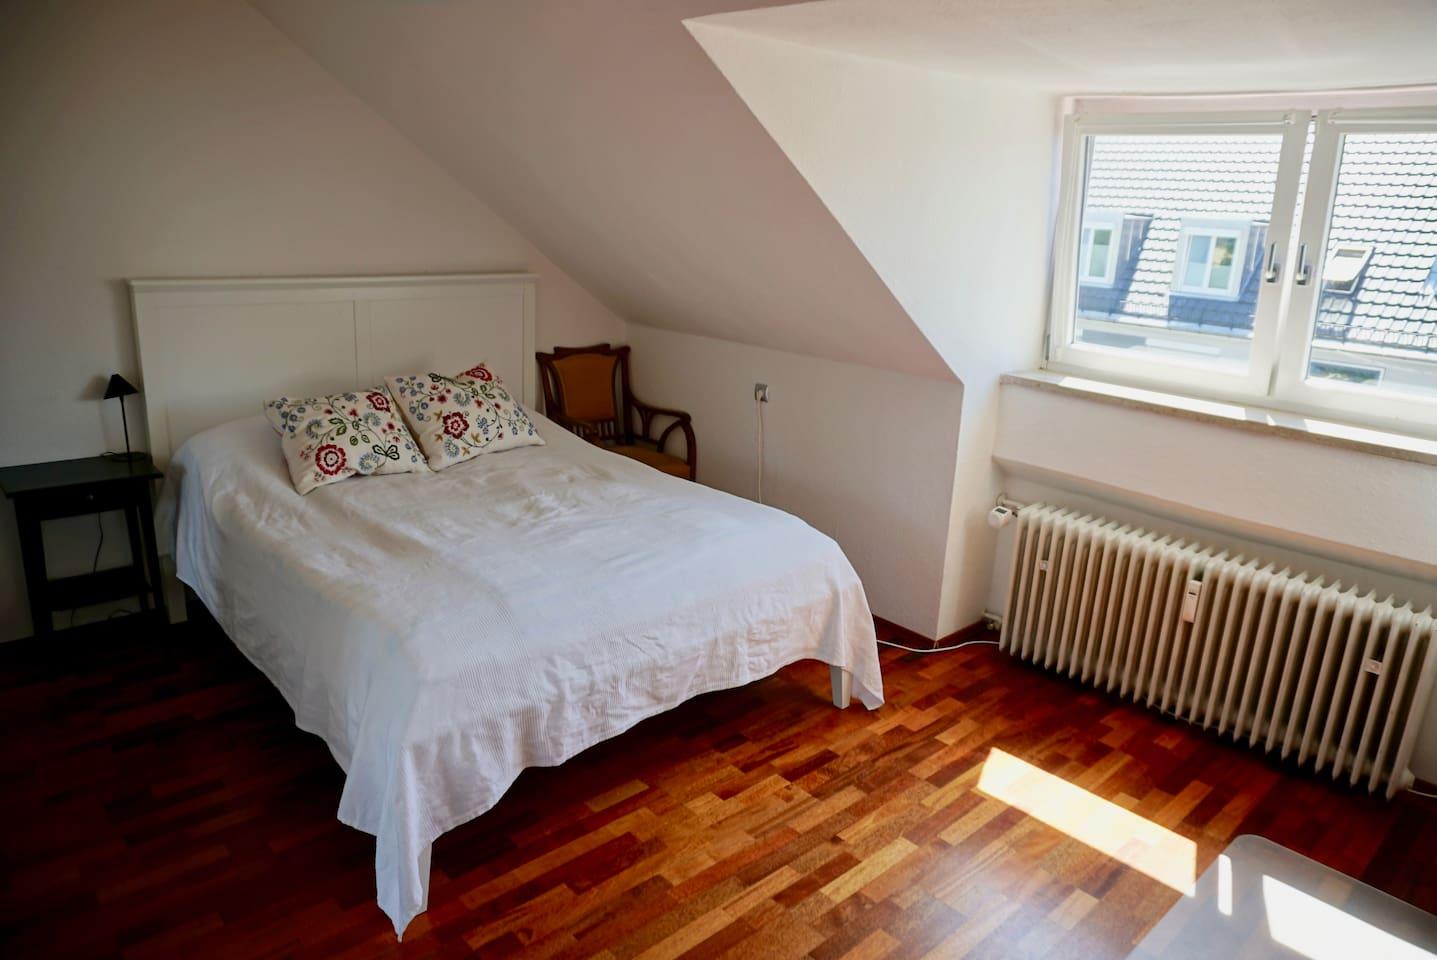 Schlafzimmer mit gemütlichem Doppelbett.